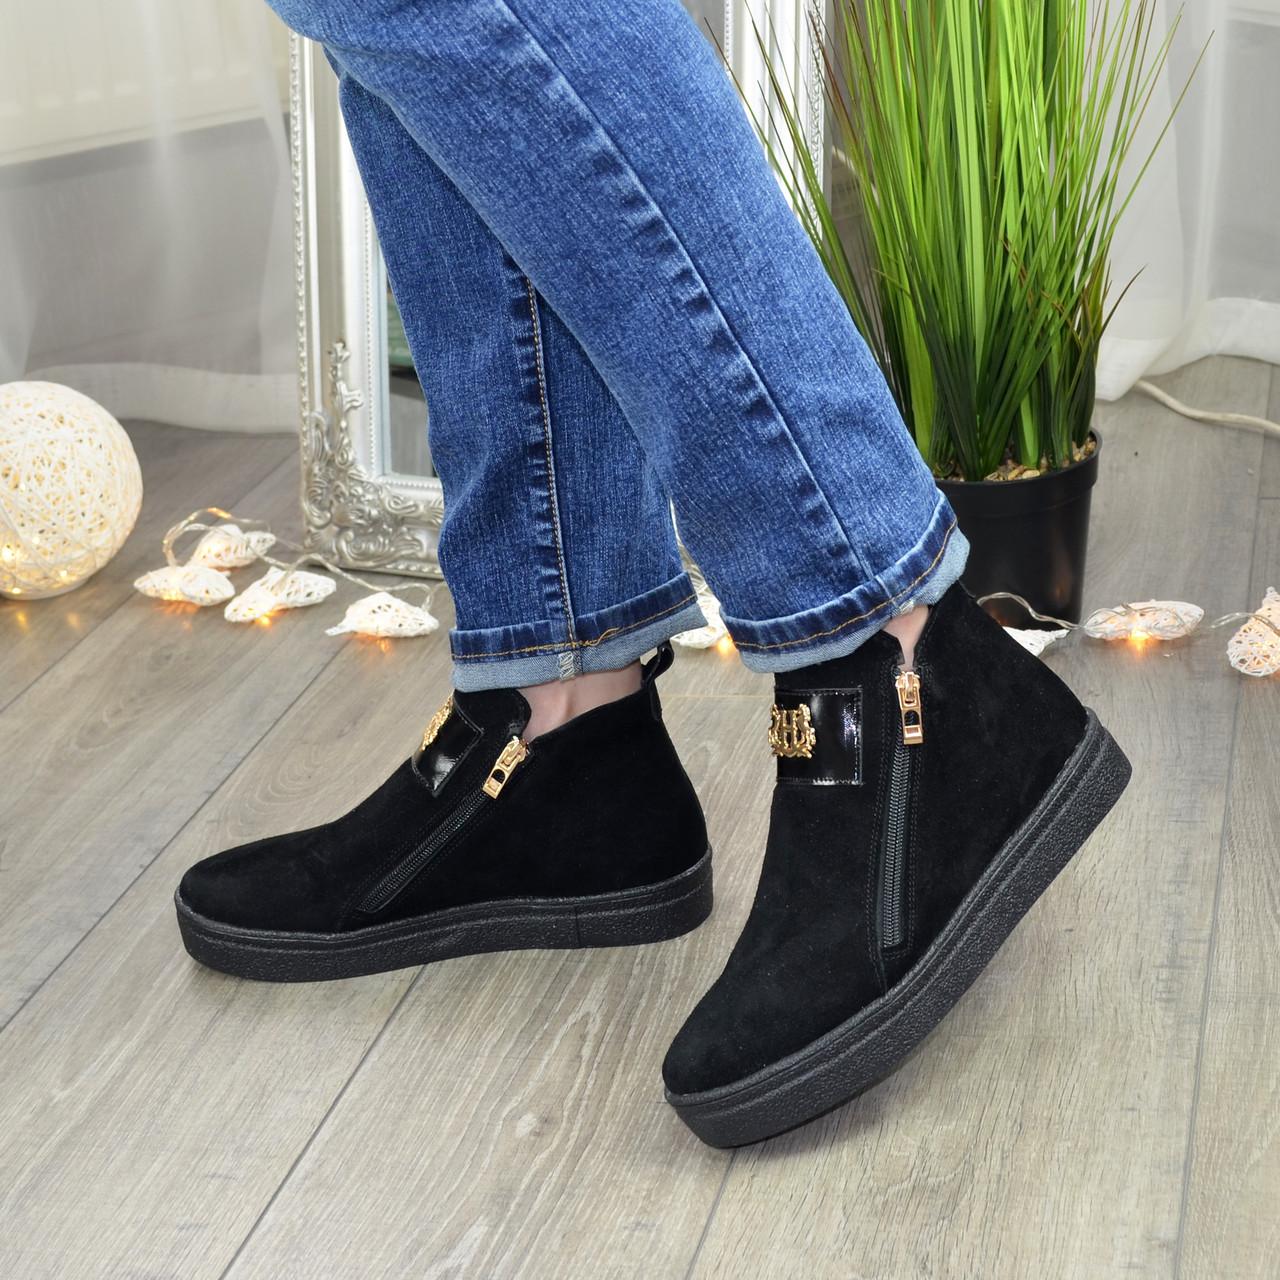 Демисезонные женские замшевые черные ботинки на утолщенной подошве, декорированы фурнитурой